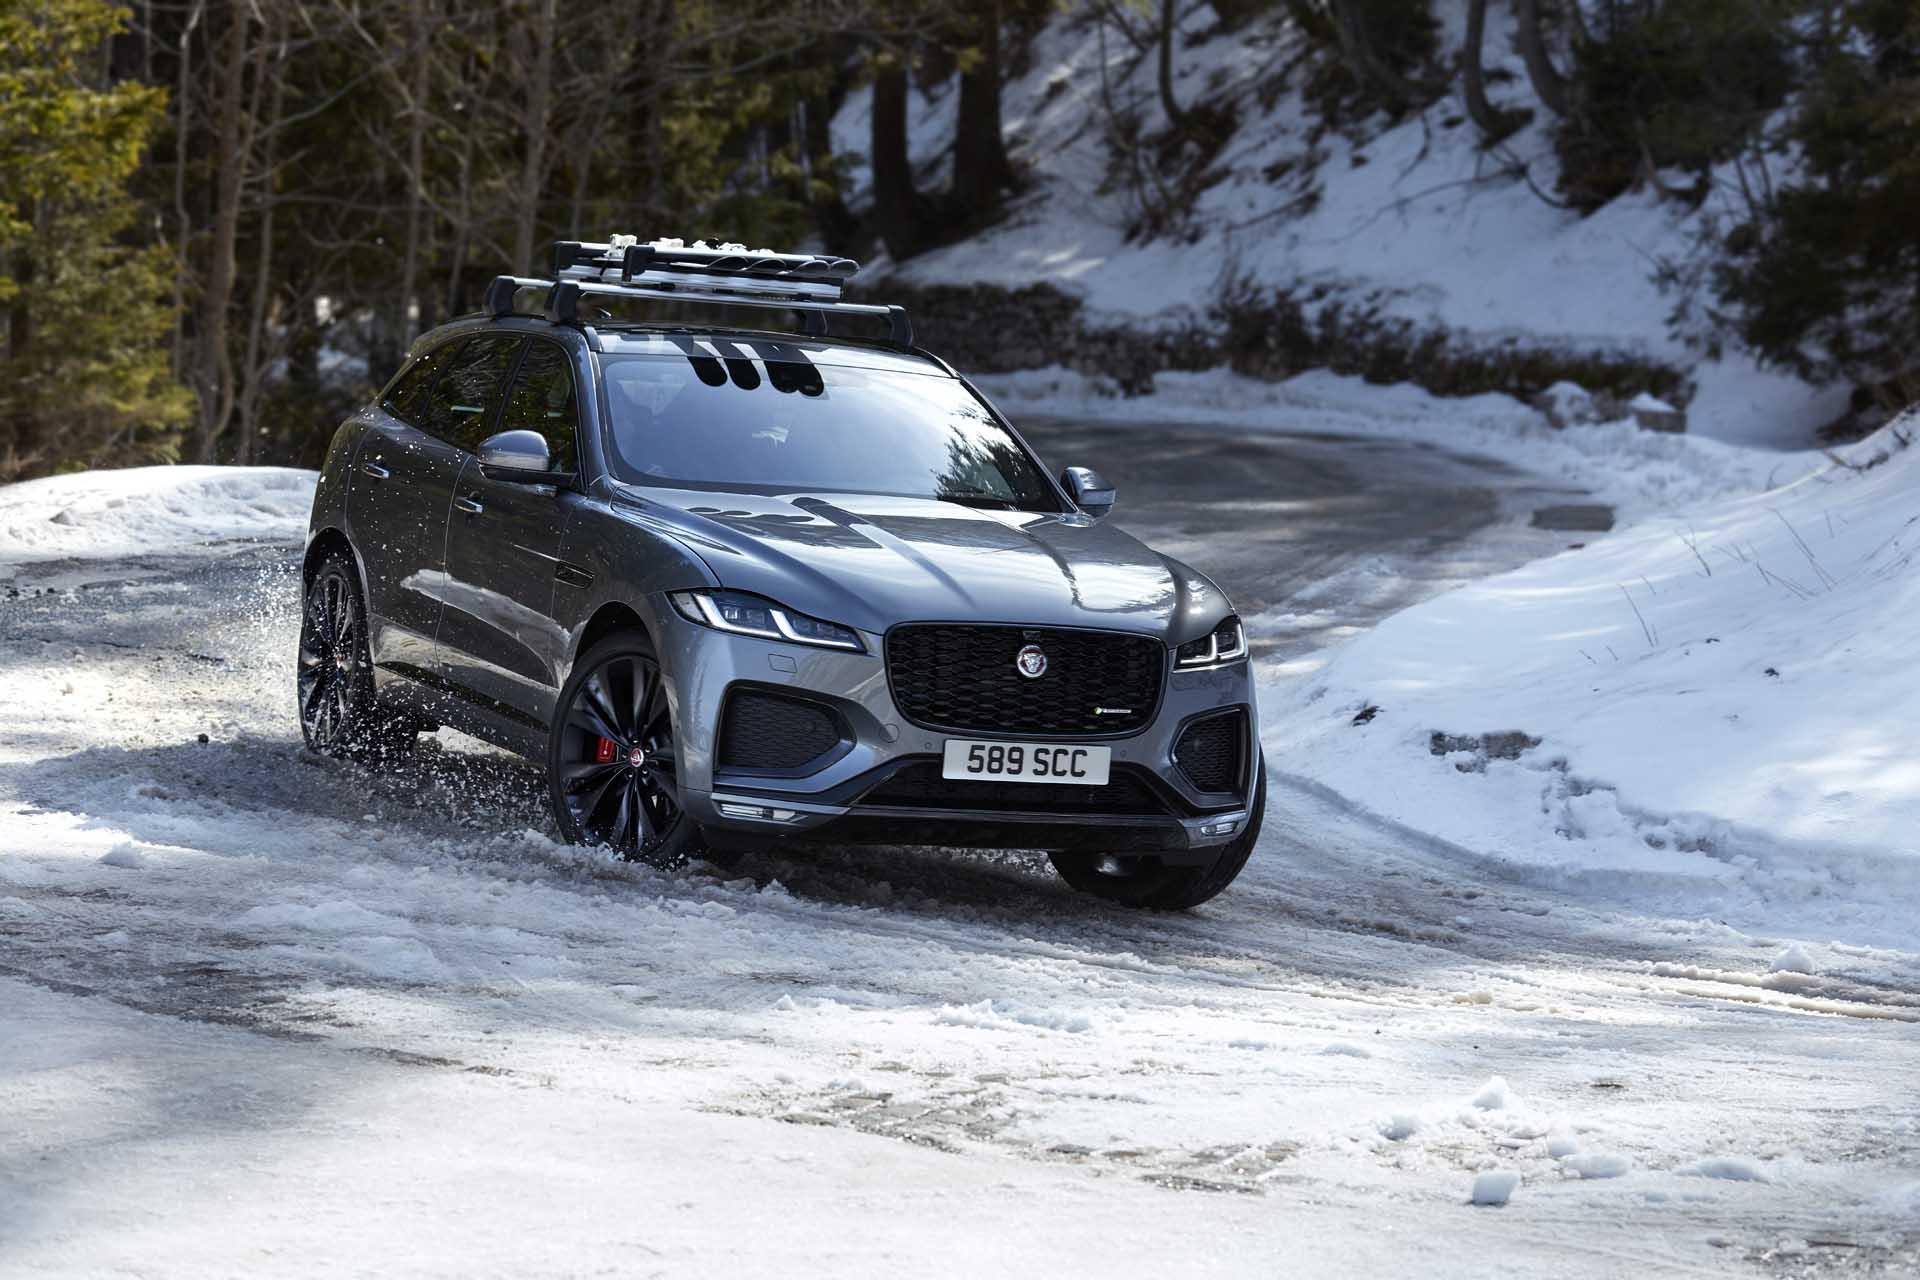 Jaguar F-Pace thế hệ mới ra mắt: Lột xác về nội thất, thêm trang bị